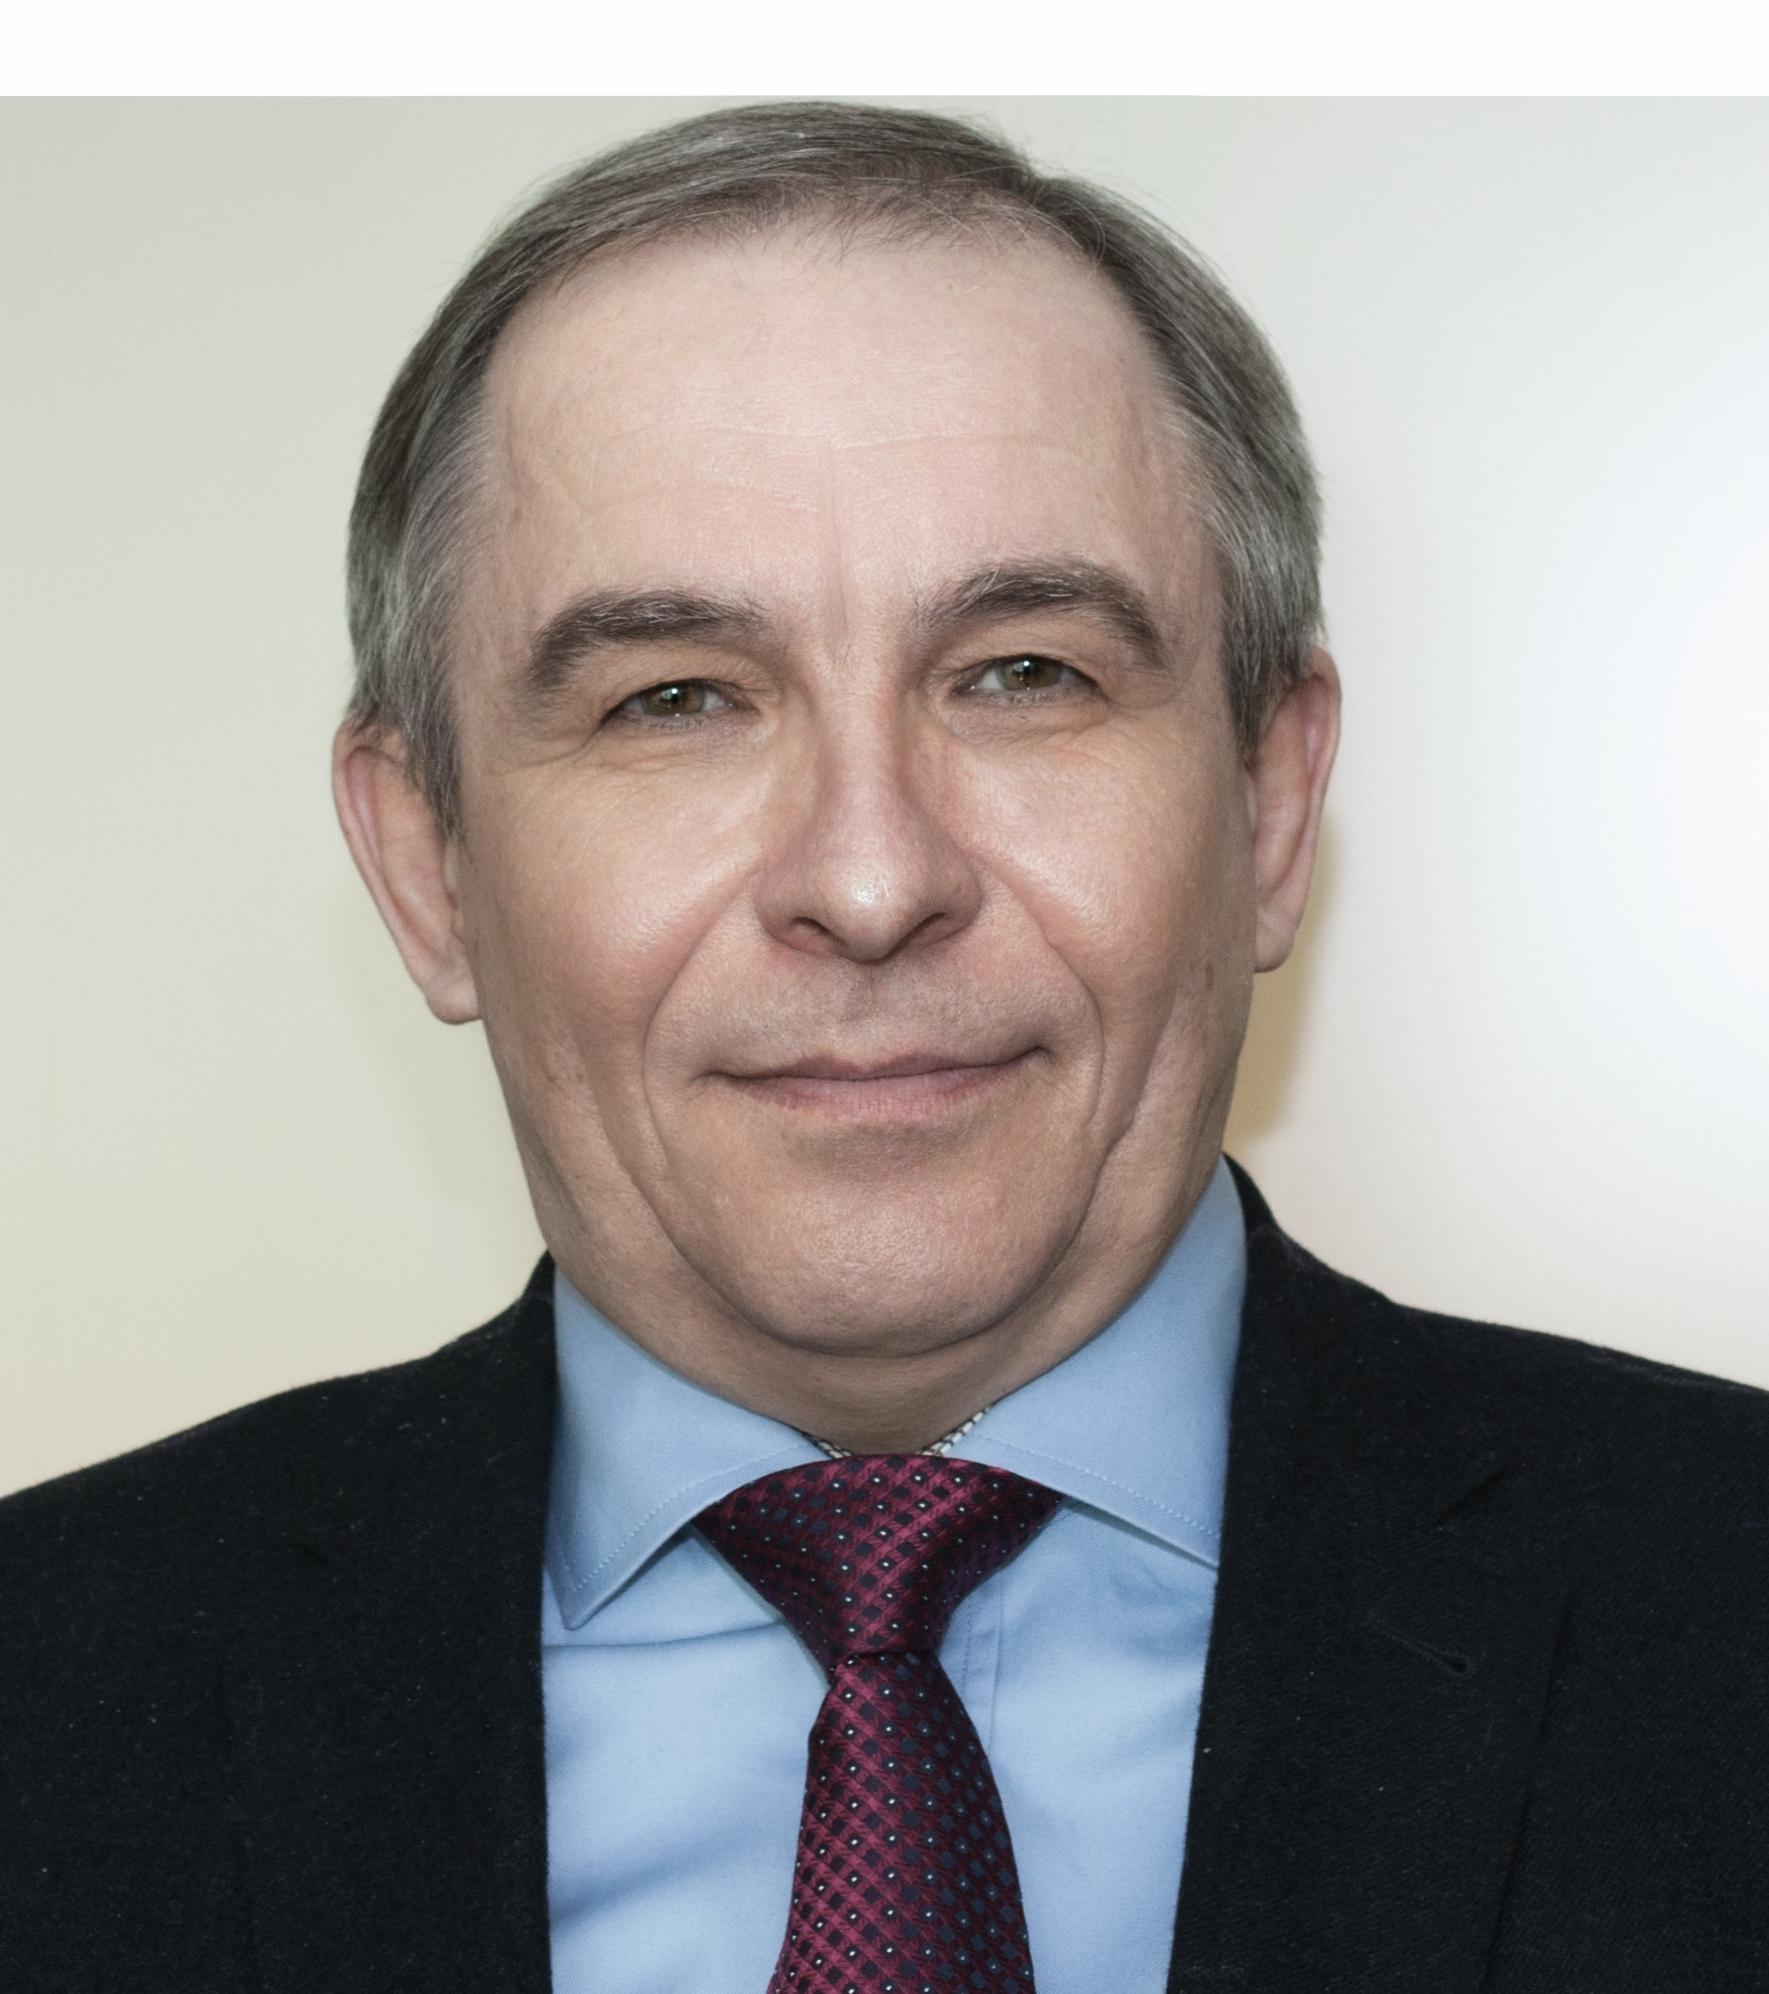 Mykhailo Kravchenko